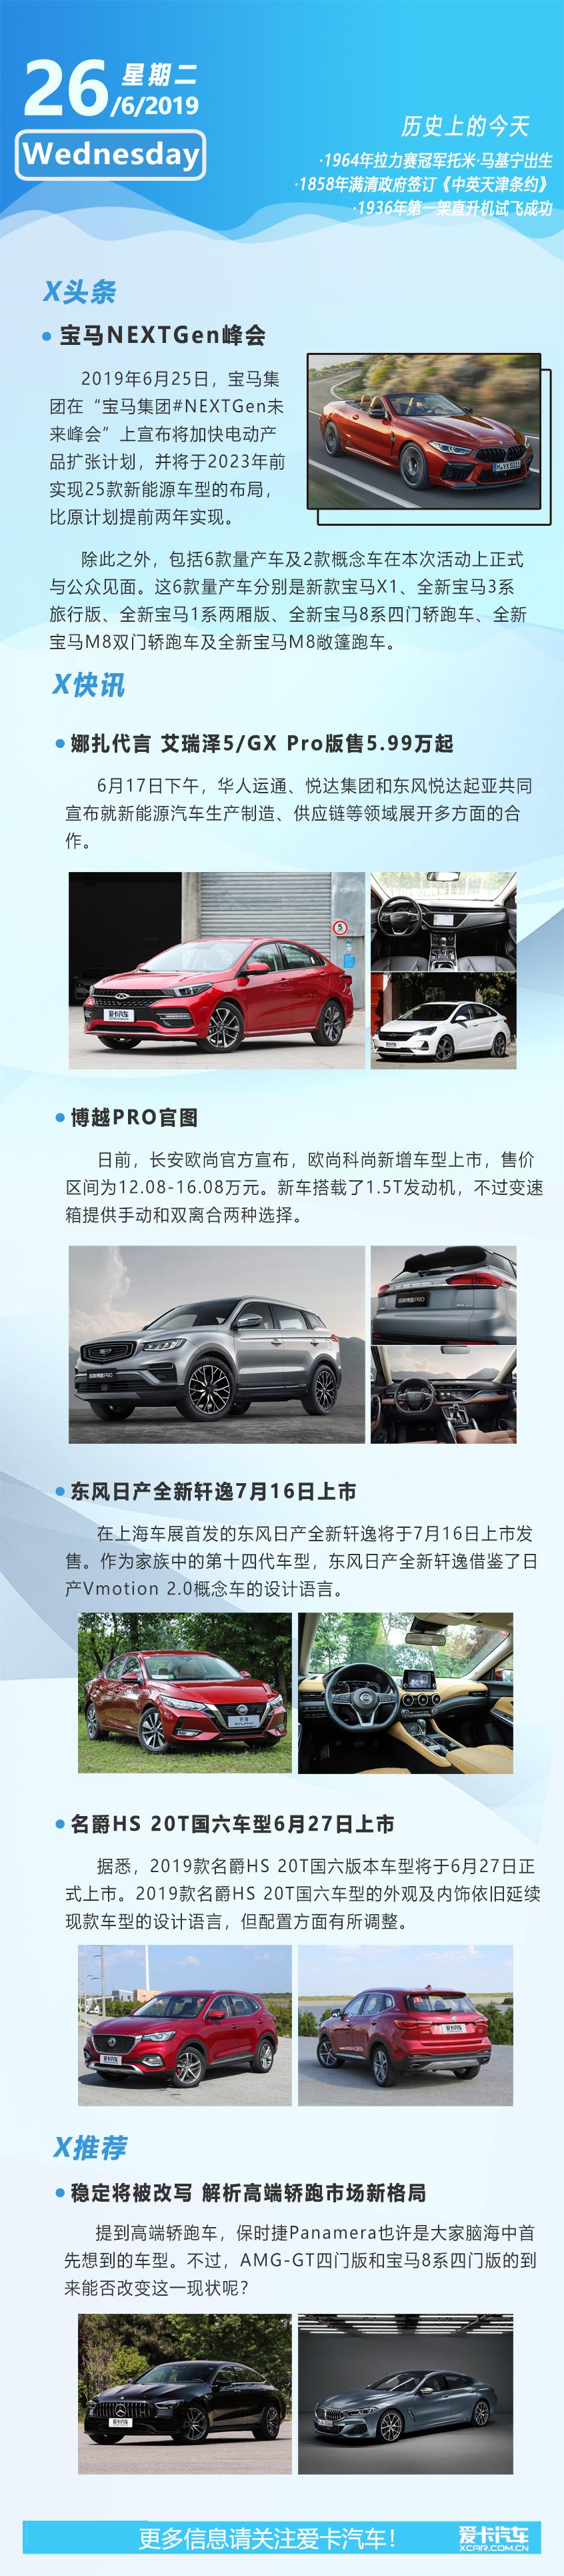 6月26日早报 宝马NEXTgen未来峰会8新车